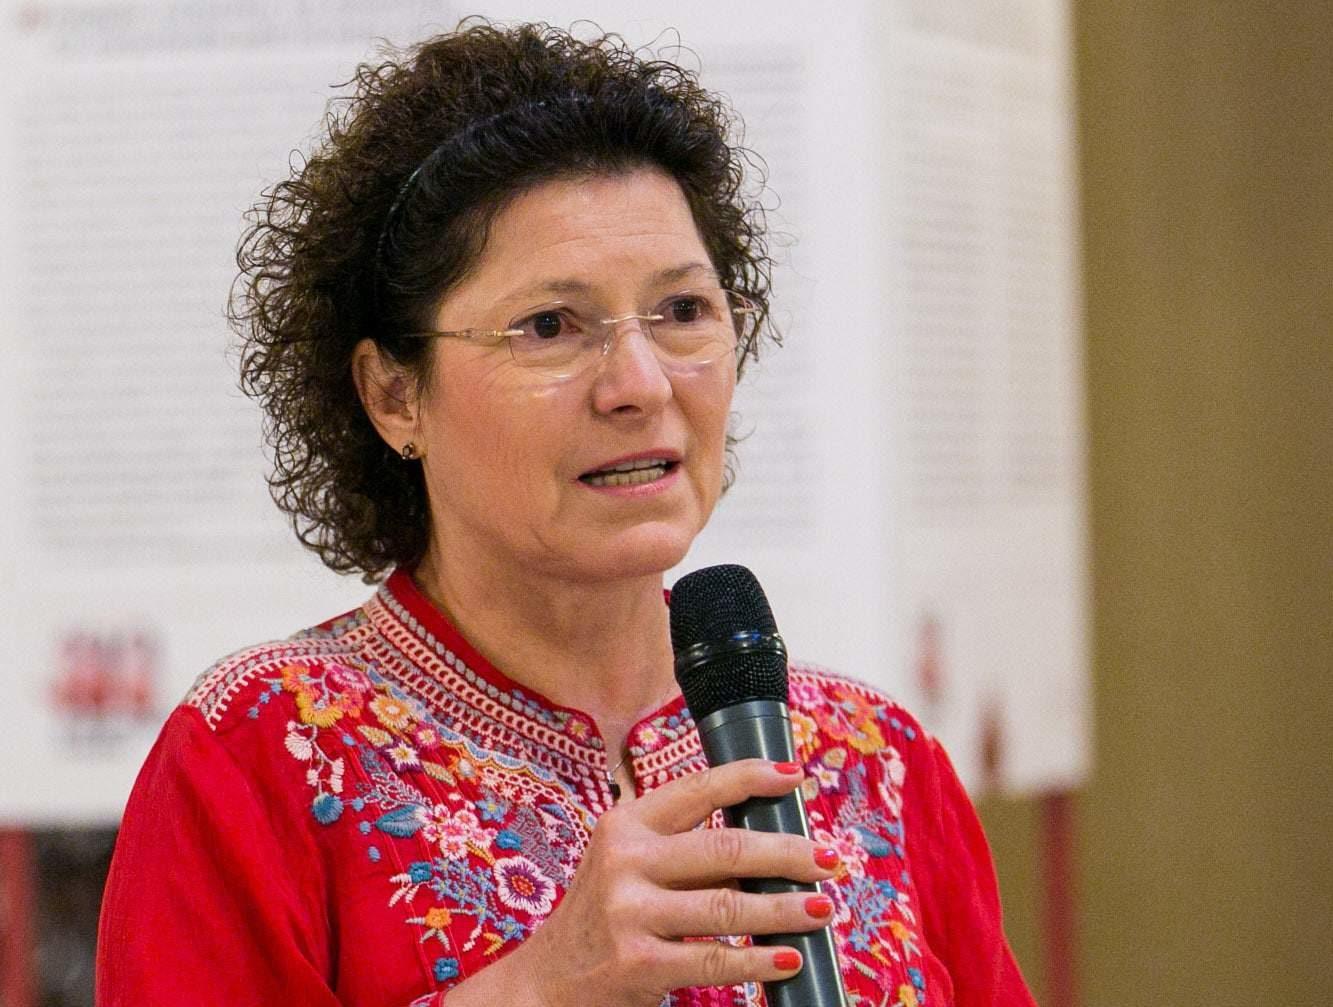 Măriuca Talpeș, Coaliția pentru Dezvoltarea României: În jur de 27.000 de copii vor migra de la liceele tehnologice către școlile profesionale. Copiii au de câștigat